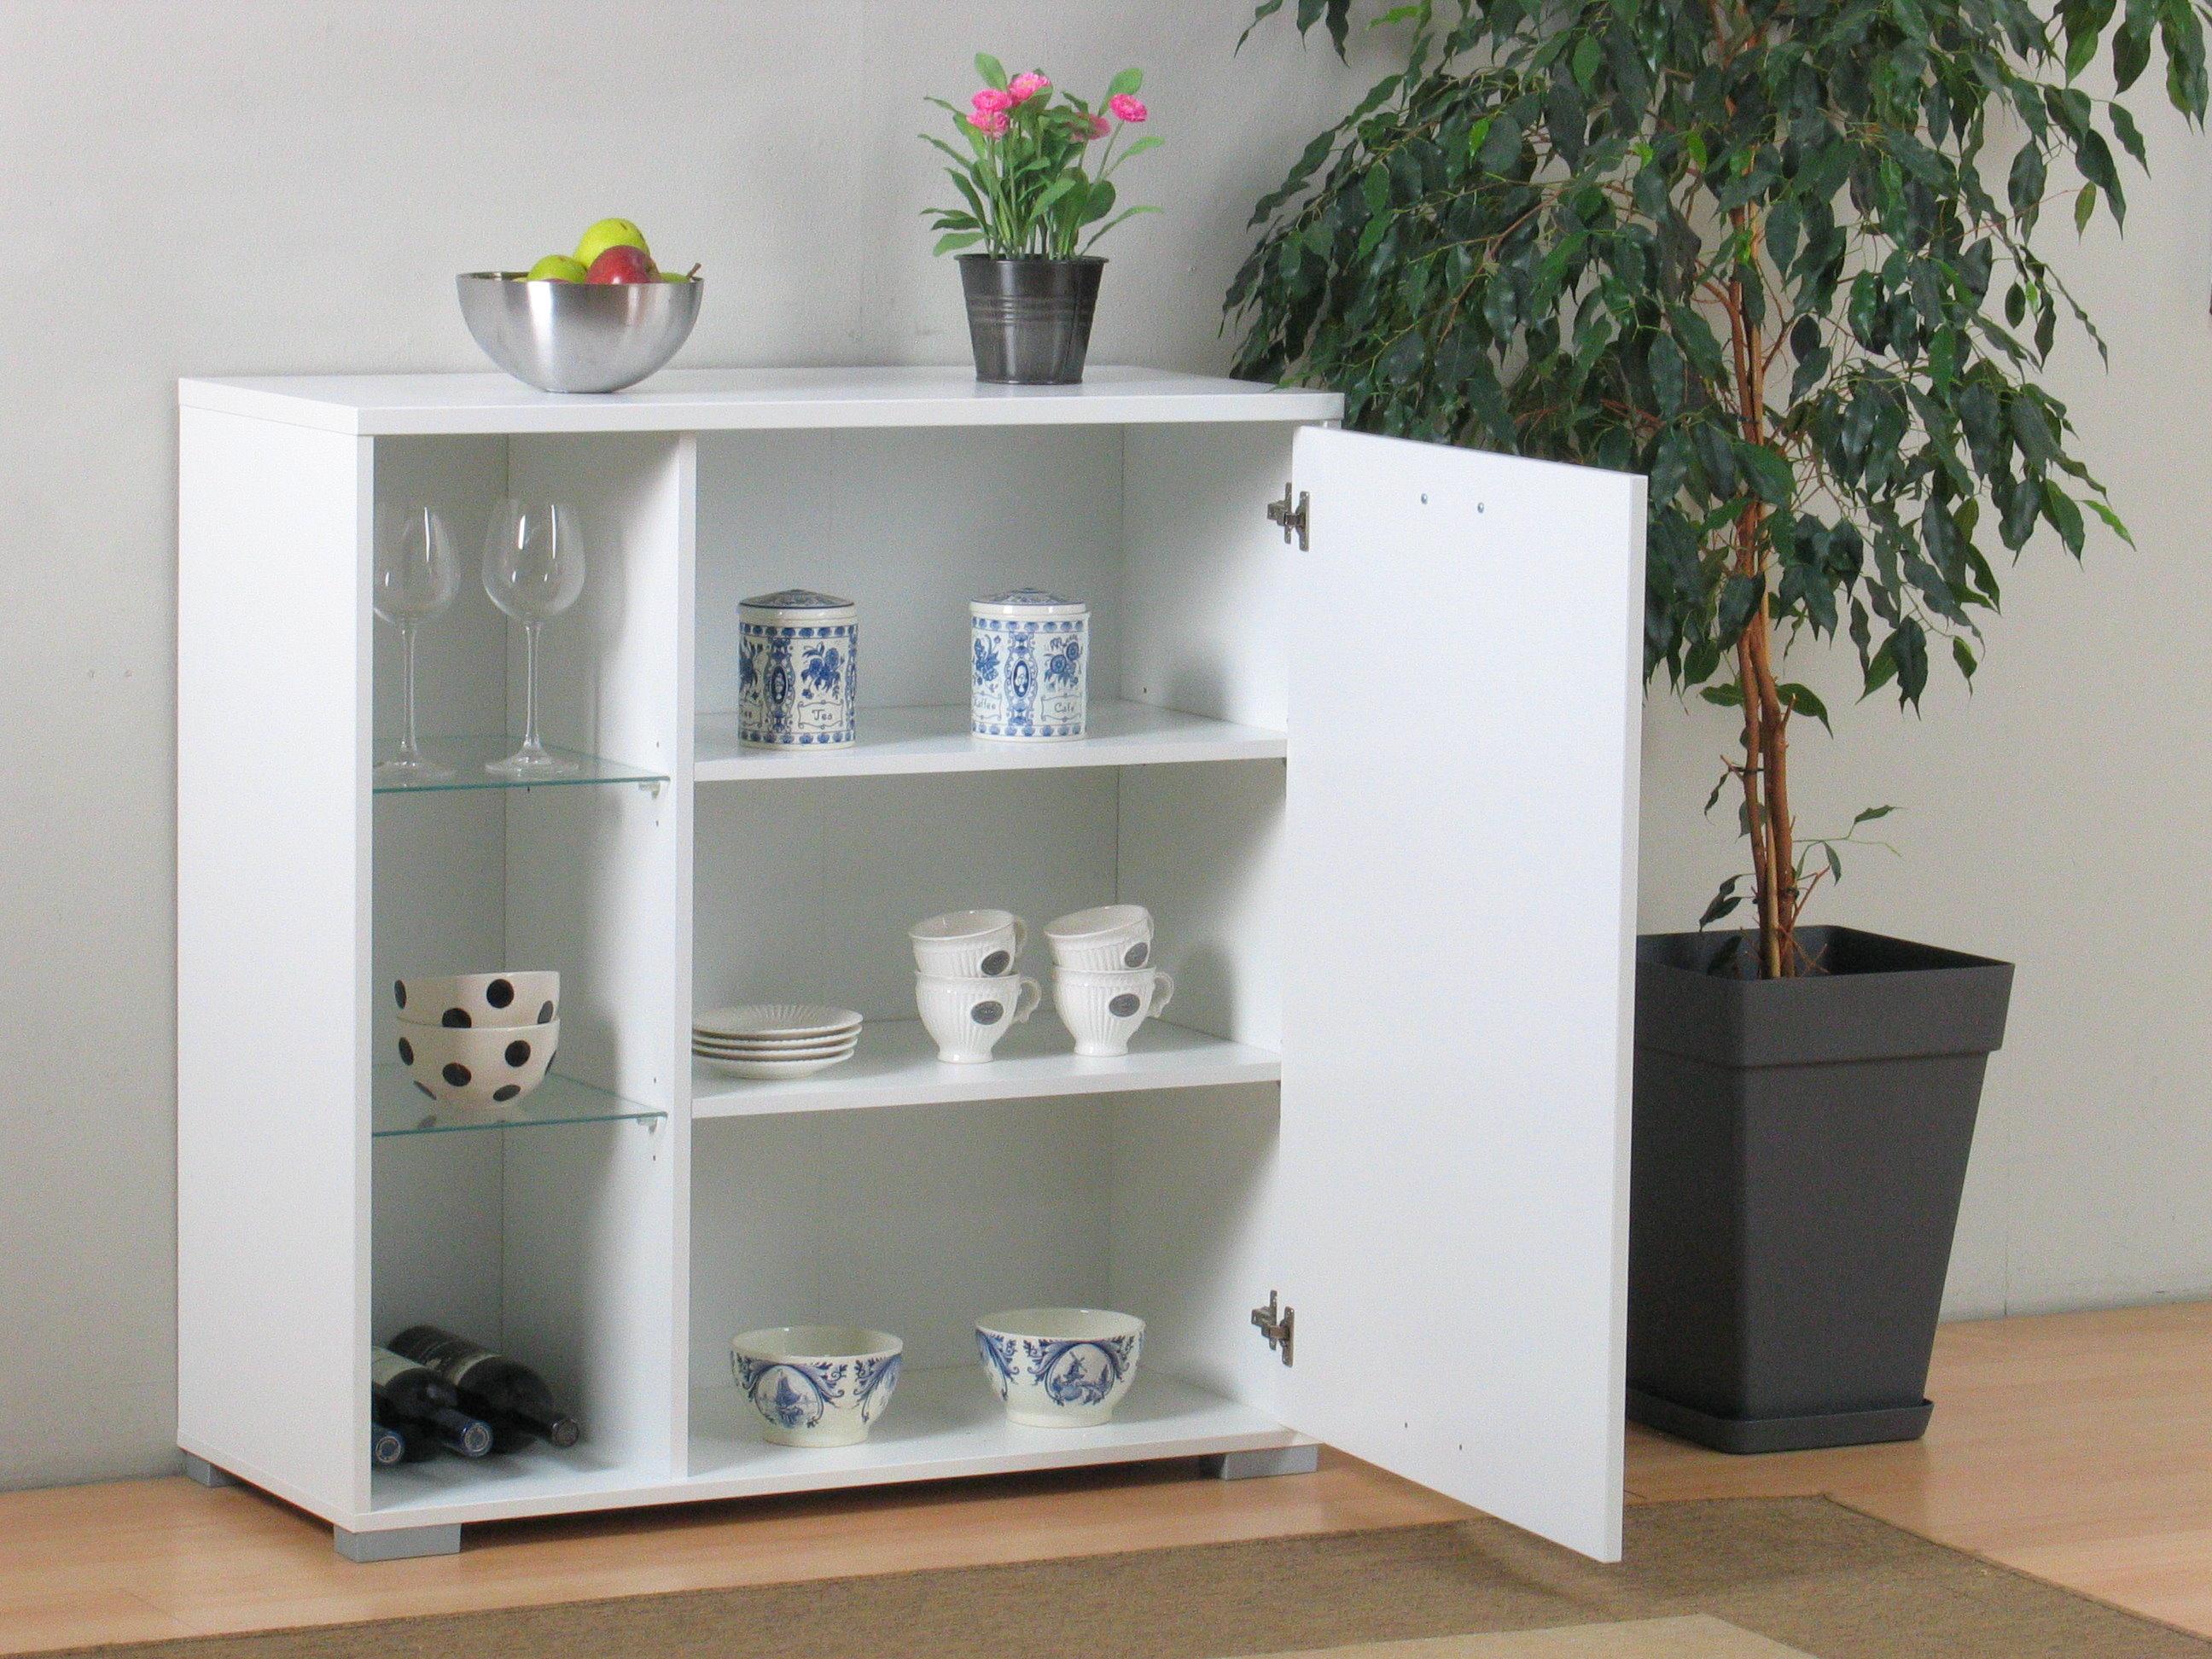 anrichte wega kommode wandschrank h ngeschrank glas. Black Bedroom Furniture Sets. Home Design Ideas